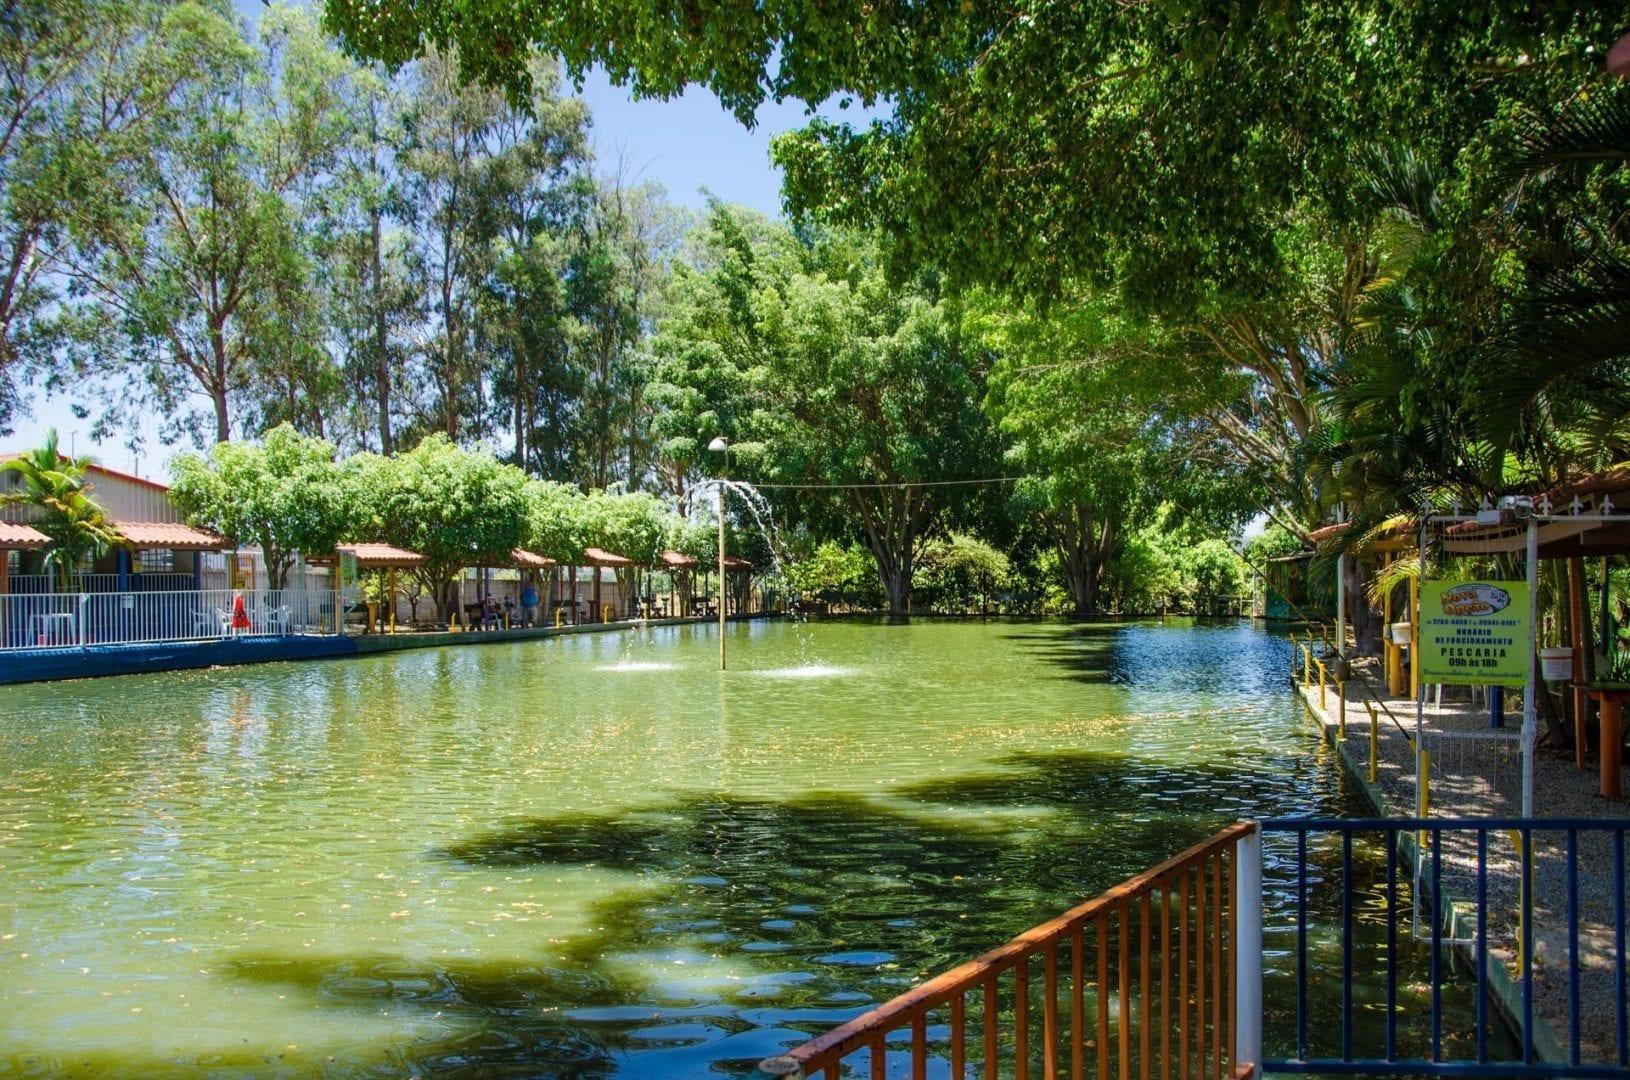 pesque pague em Brasília e arredores